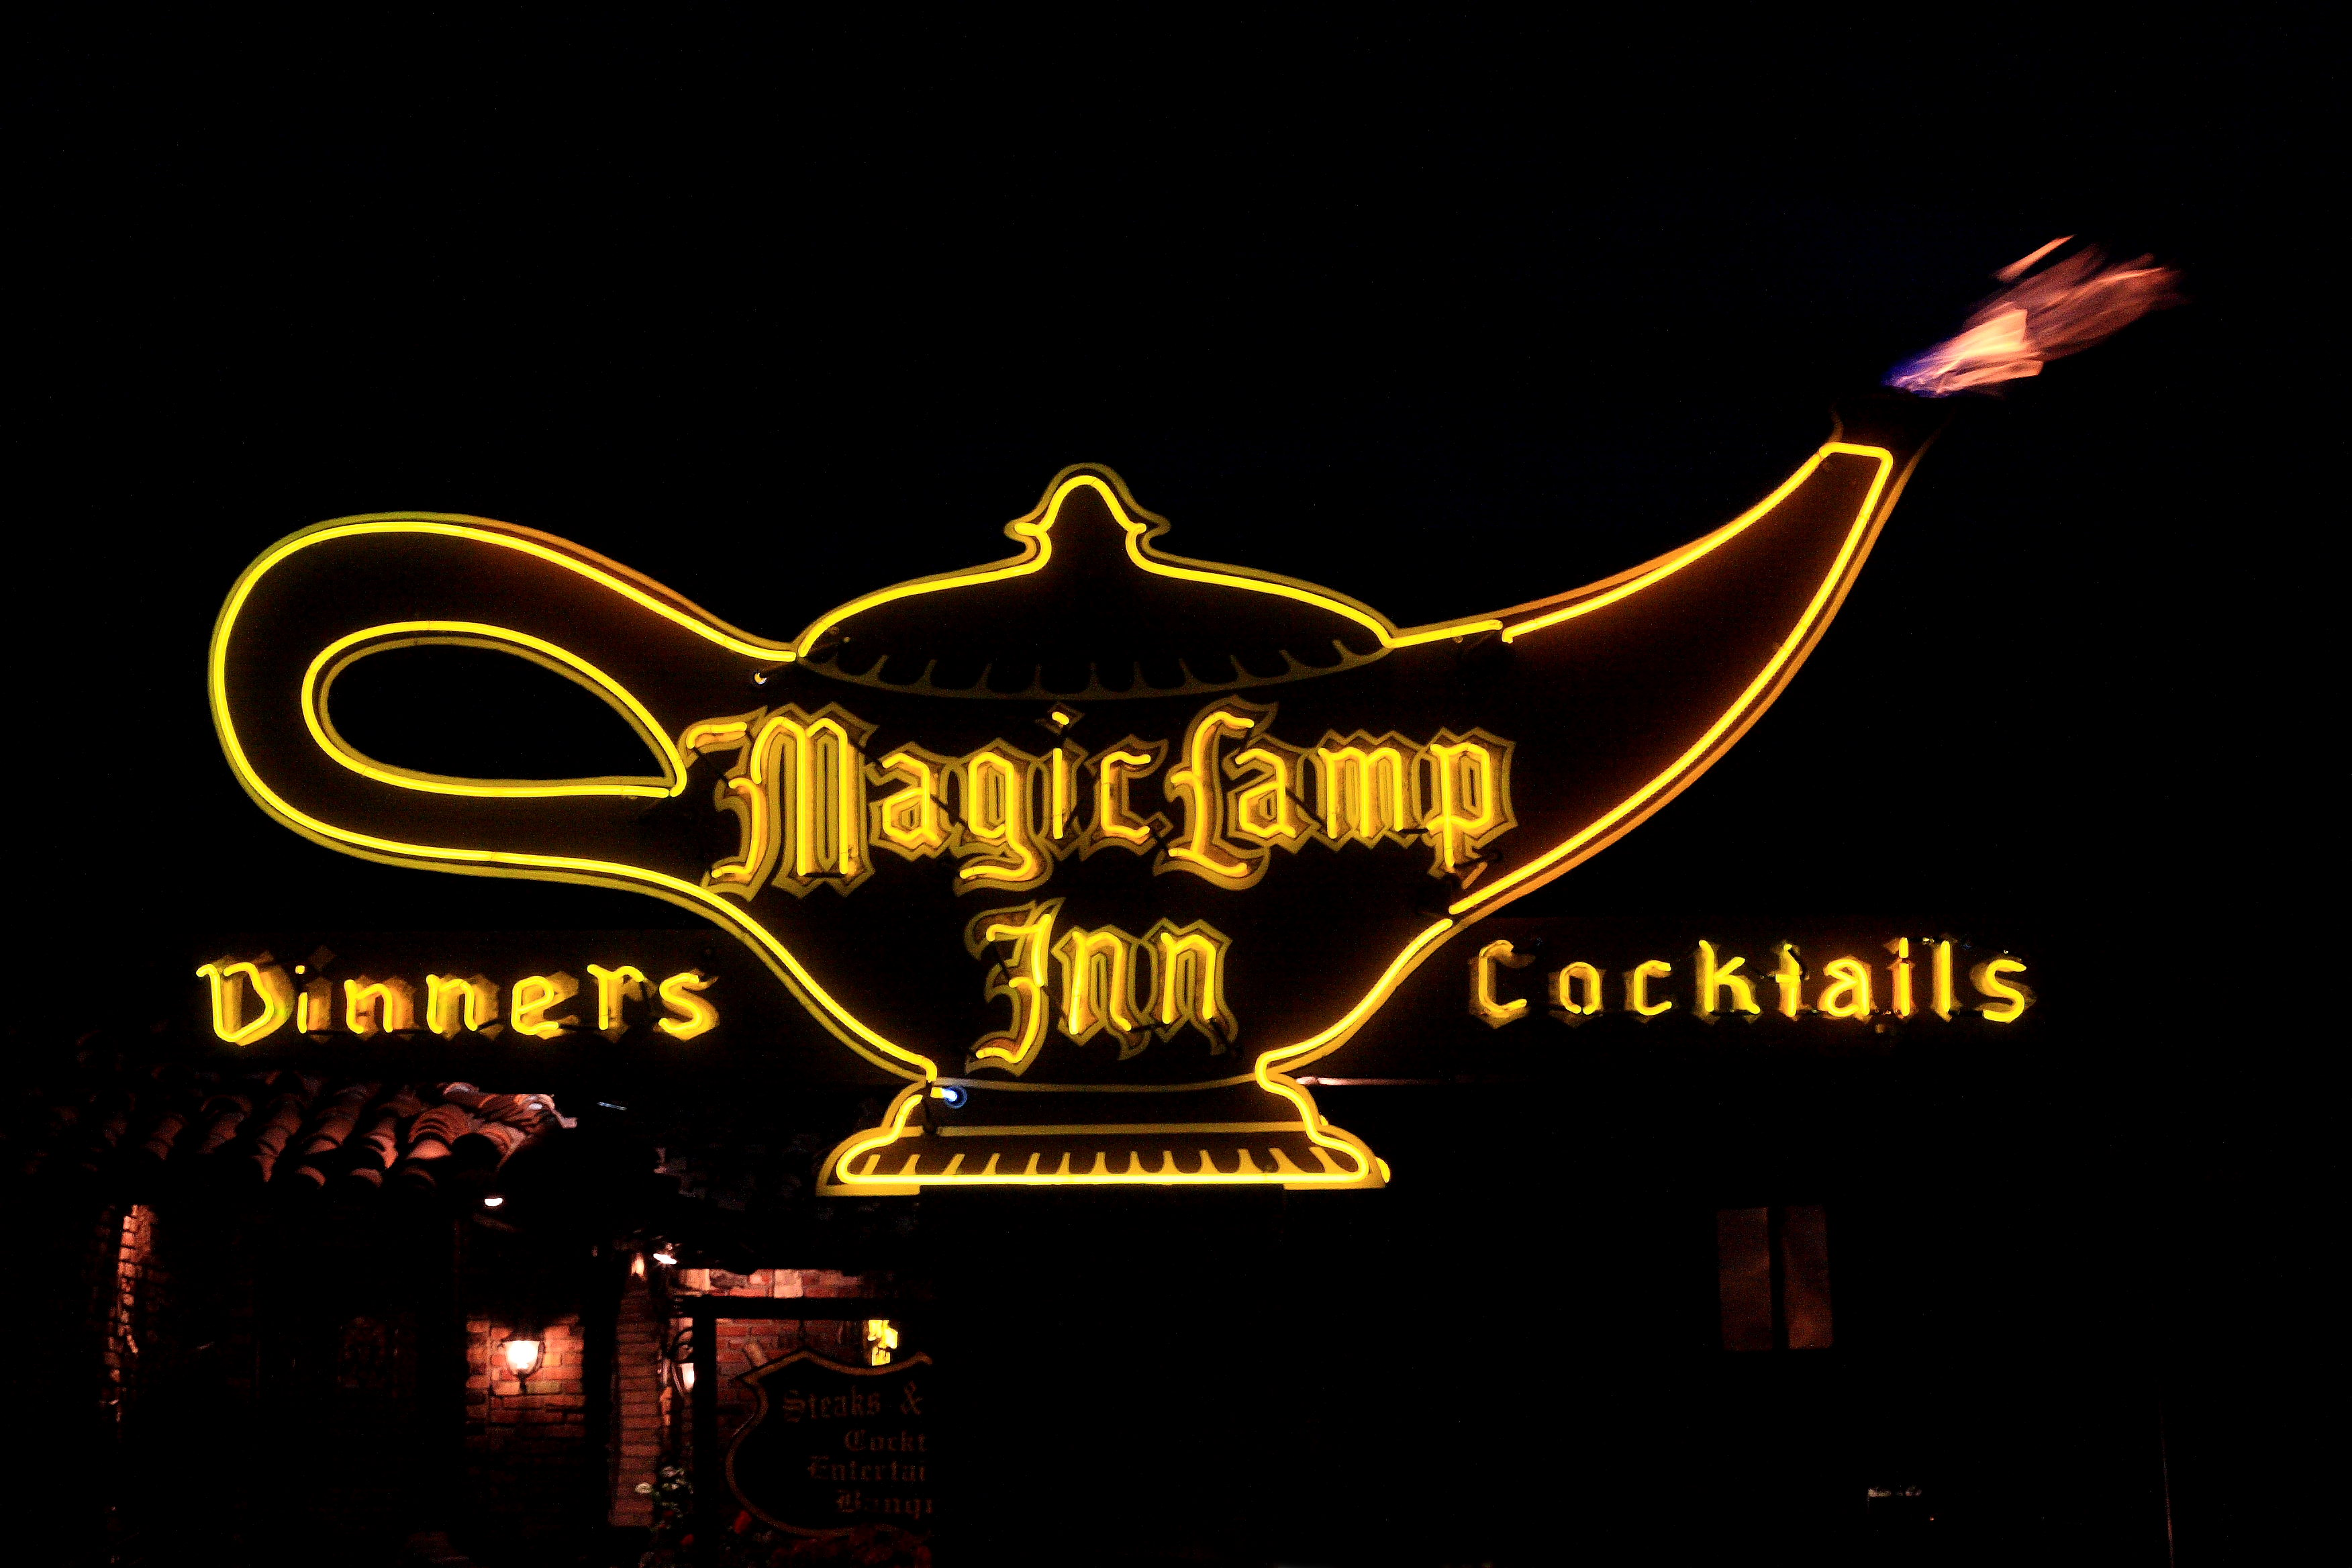 Magic Lamp Inn - 8189 Foothill Boulevard, Rancho Cucamonga, California U.S.A. - April 23, 2008